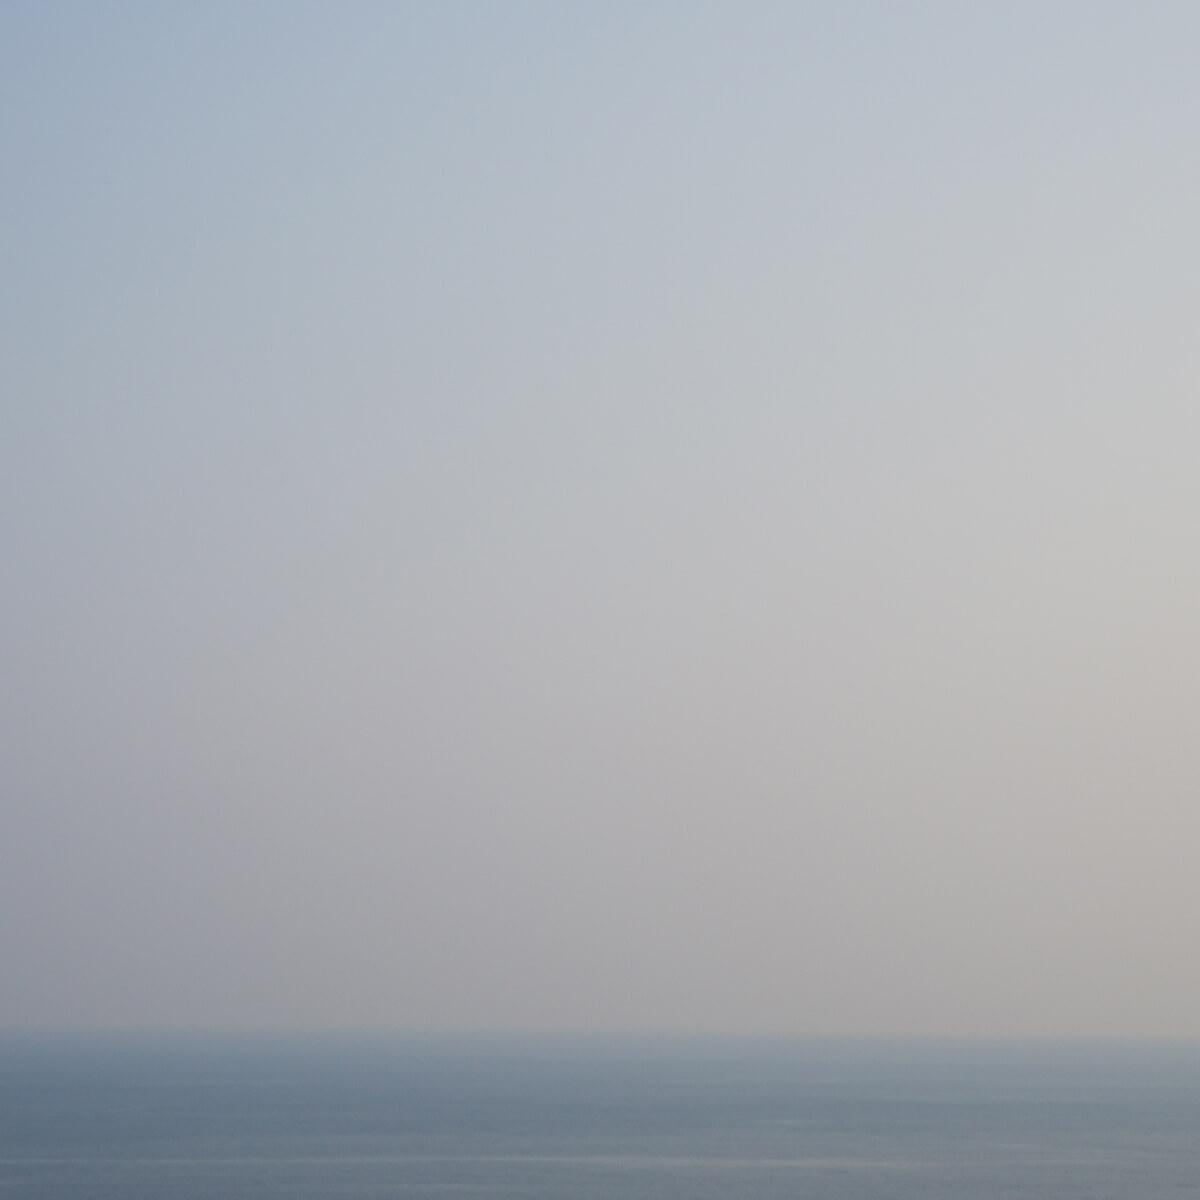 屋久島の海、水平線 屋久島海とジュエリー オーダーメイドマリッジリングのモチーフ